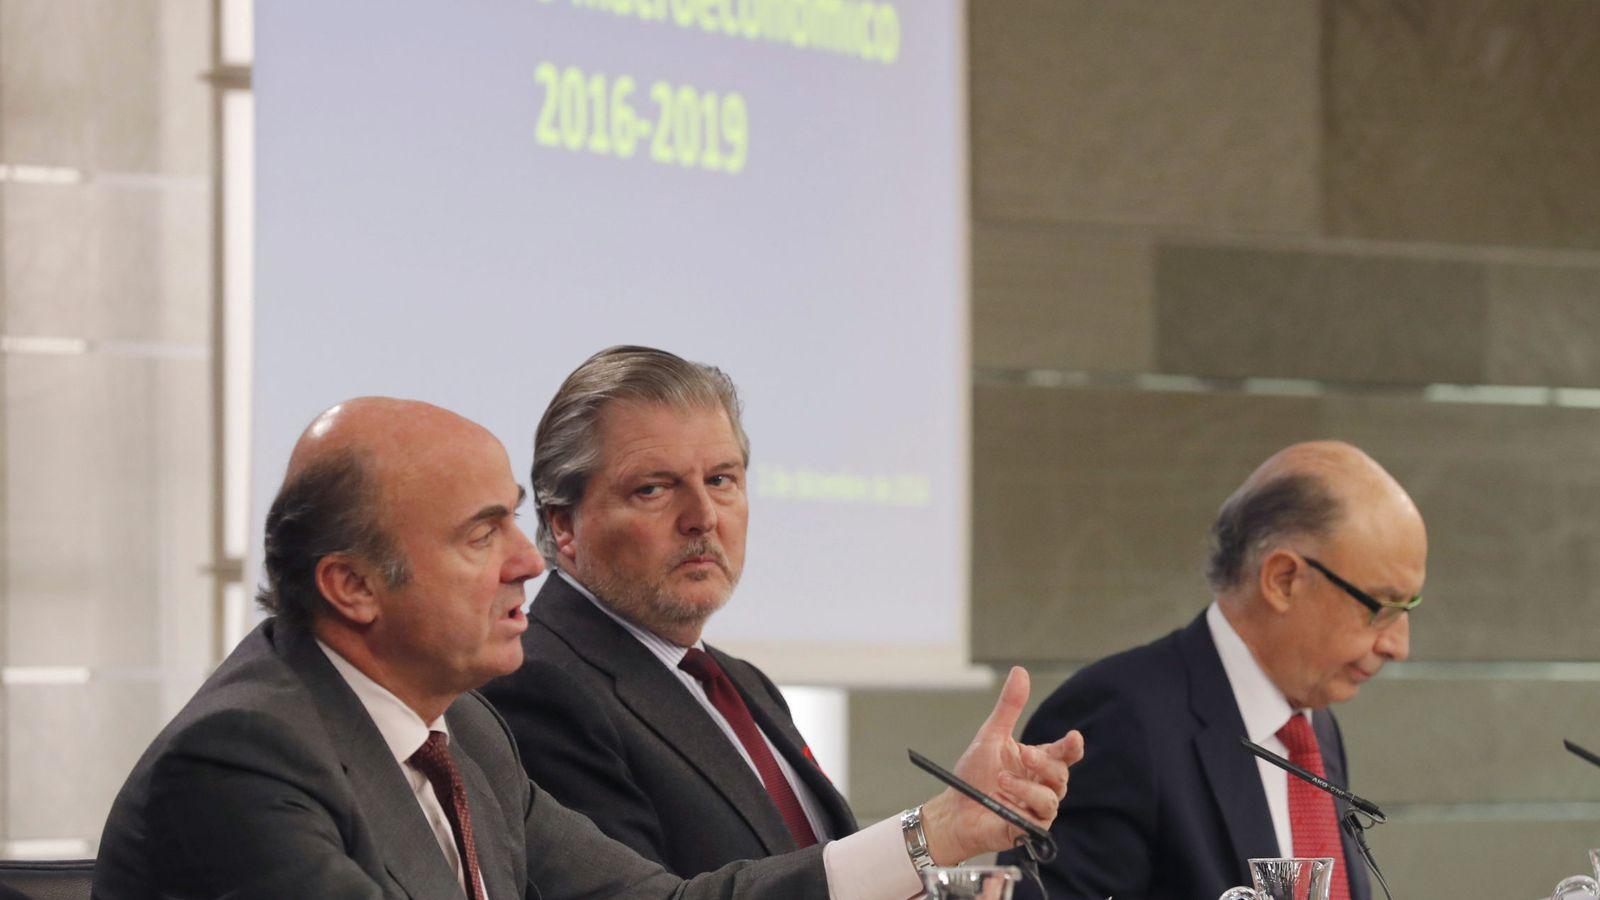 Foto: El ministro de Educación, Cultura y Deporte, Íñigo Méndez de Vigo (c), junto al ministro de Economía, Industria y Competitividad, Luis de Guindos (i), y el ministro de Hacienda, Cristóbal Montoro. (EFE)